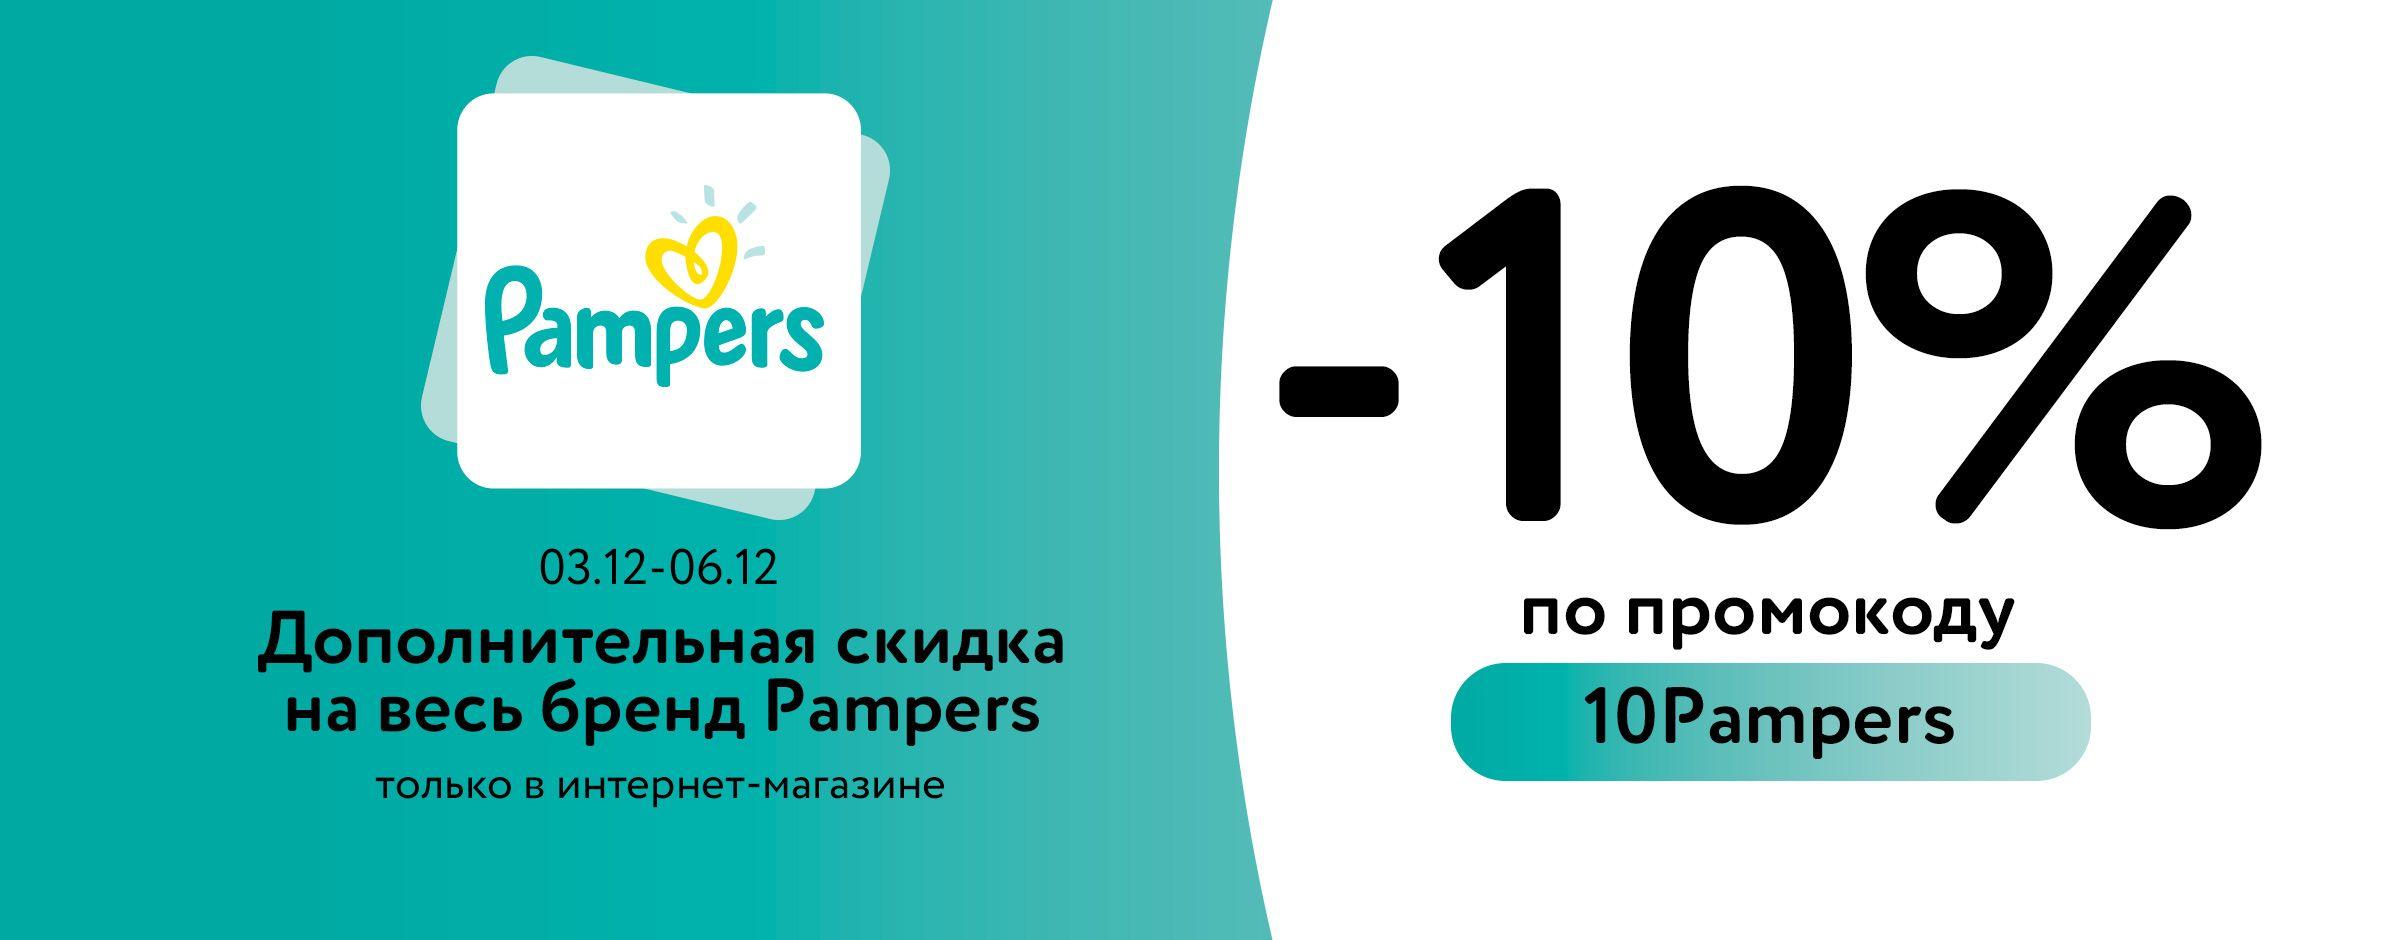 10% на Pampers по промокоду 10Pampers карусель